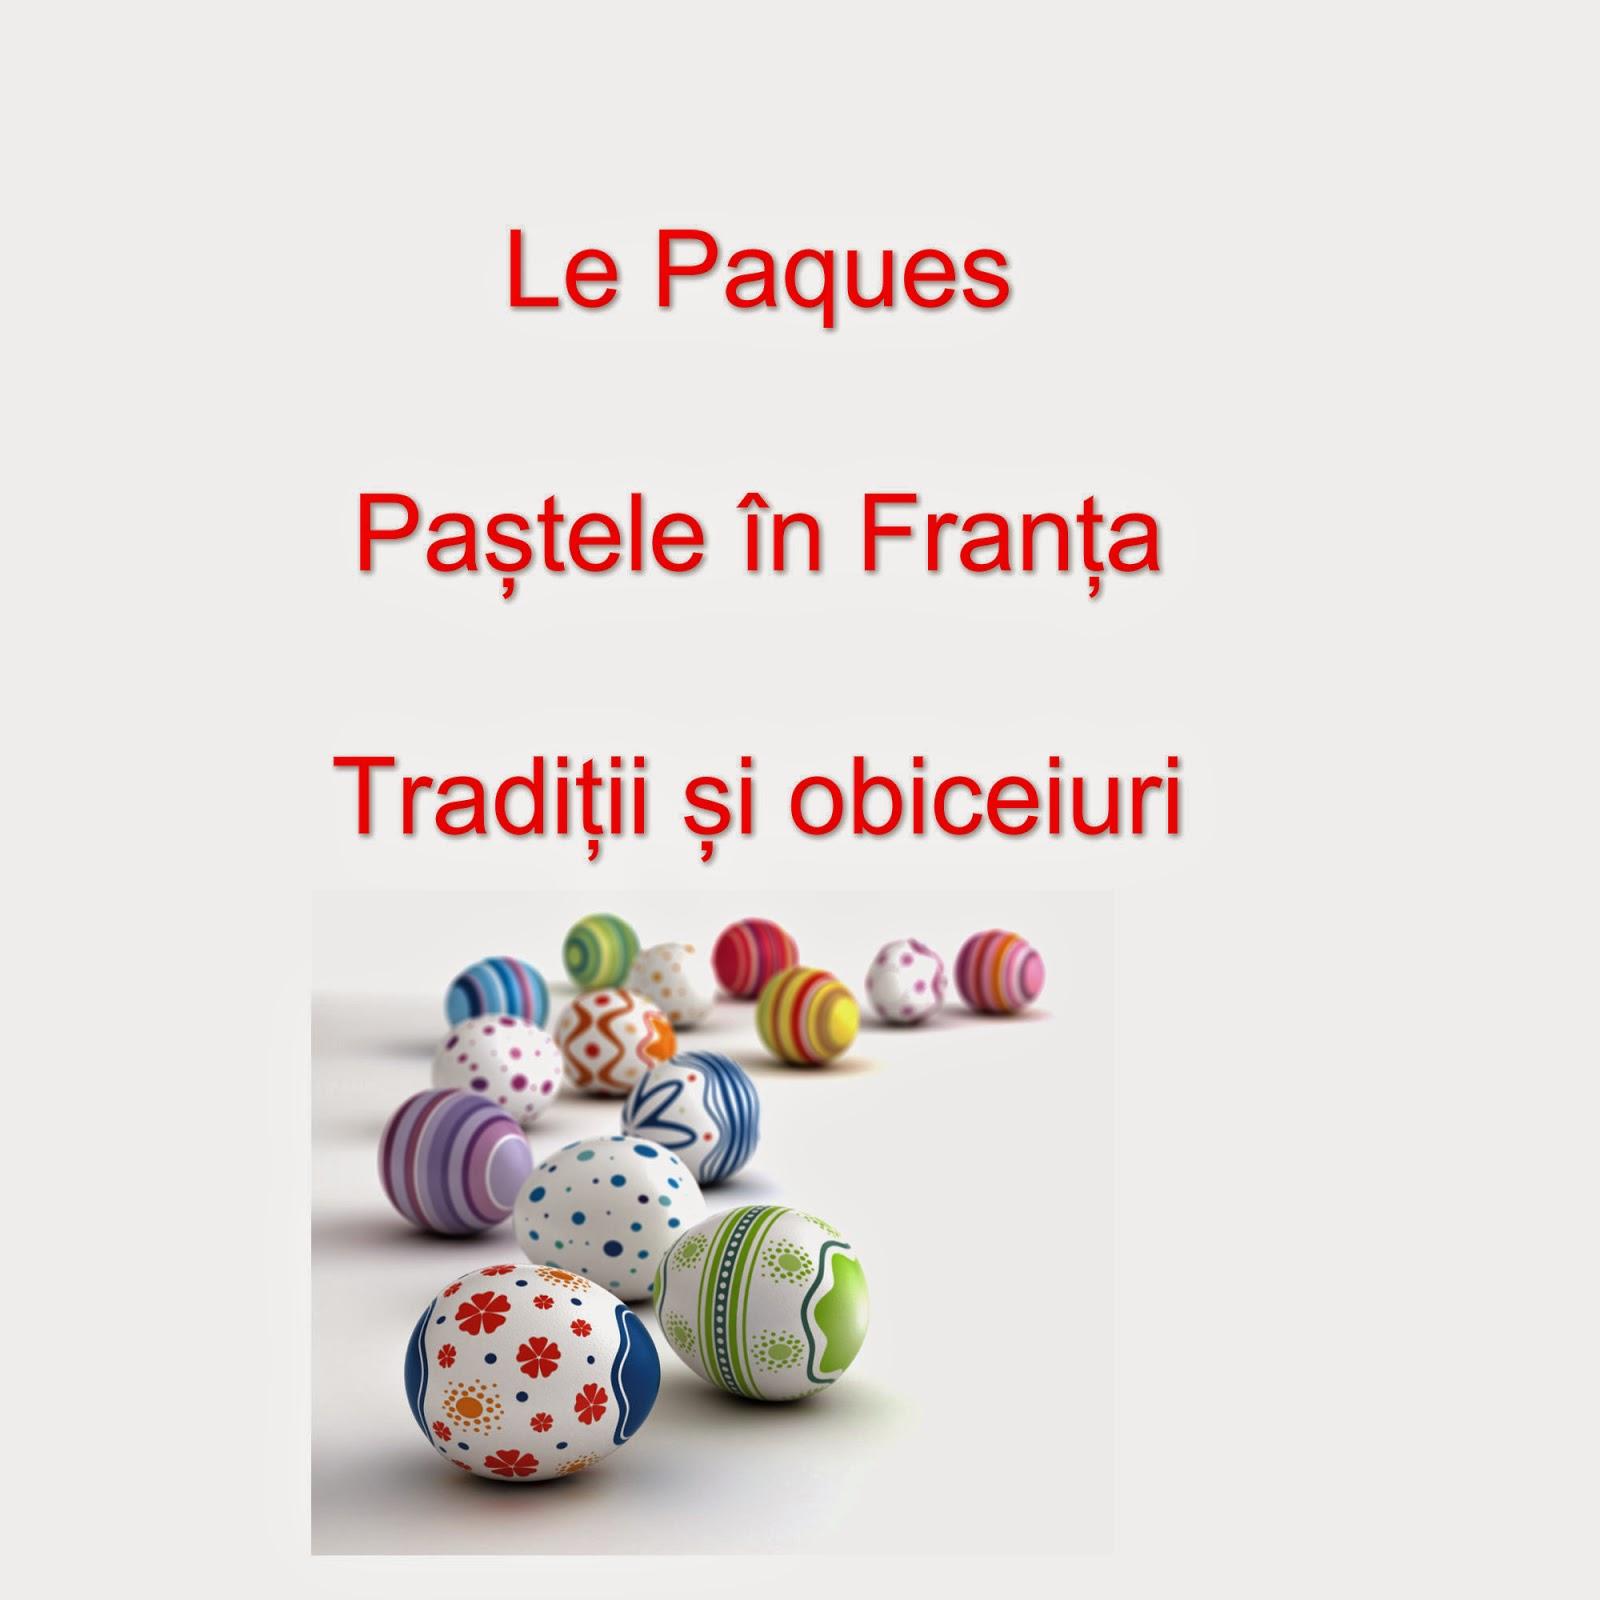 traditii si obiceiuri de Paste in Franta